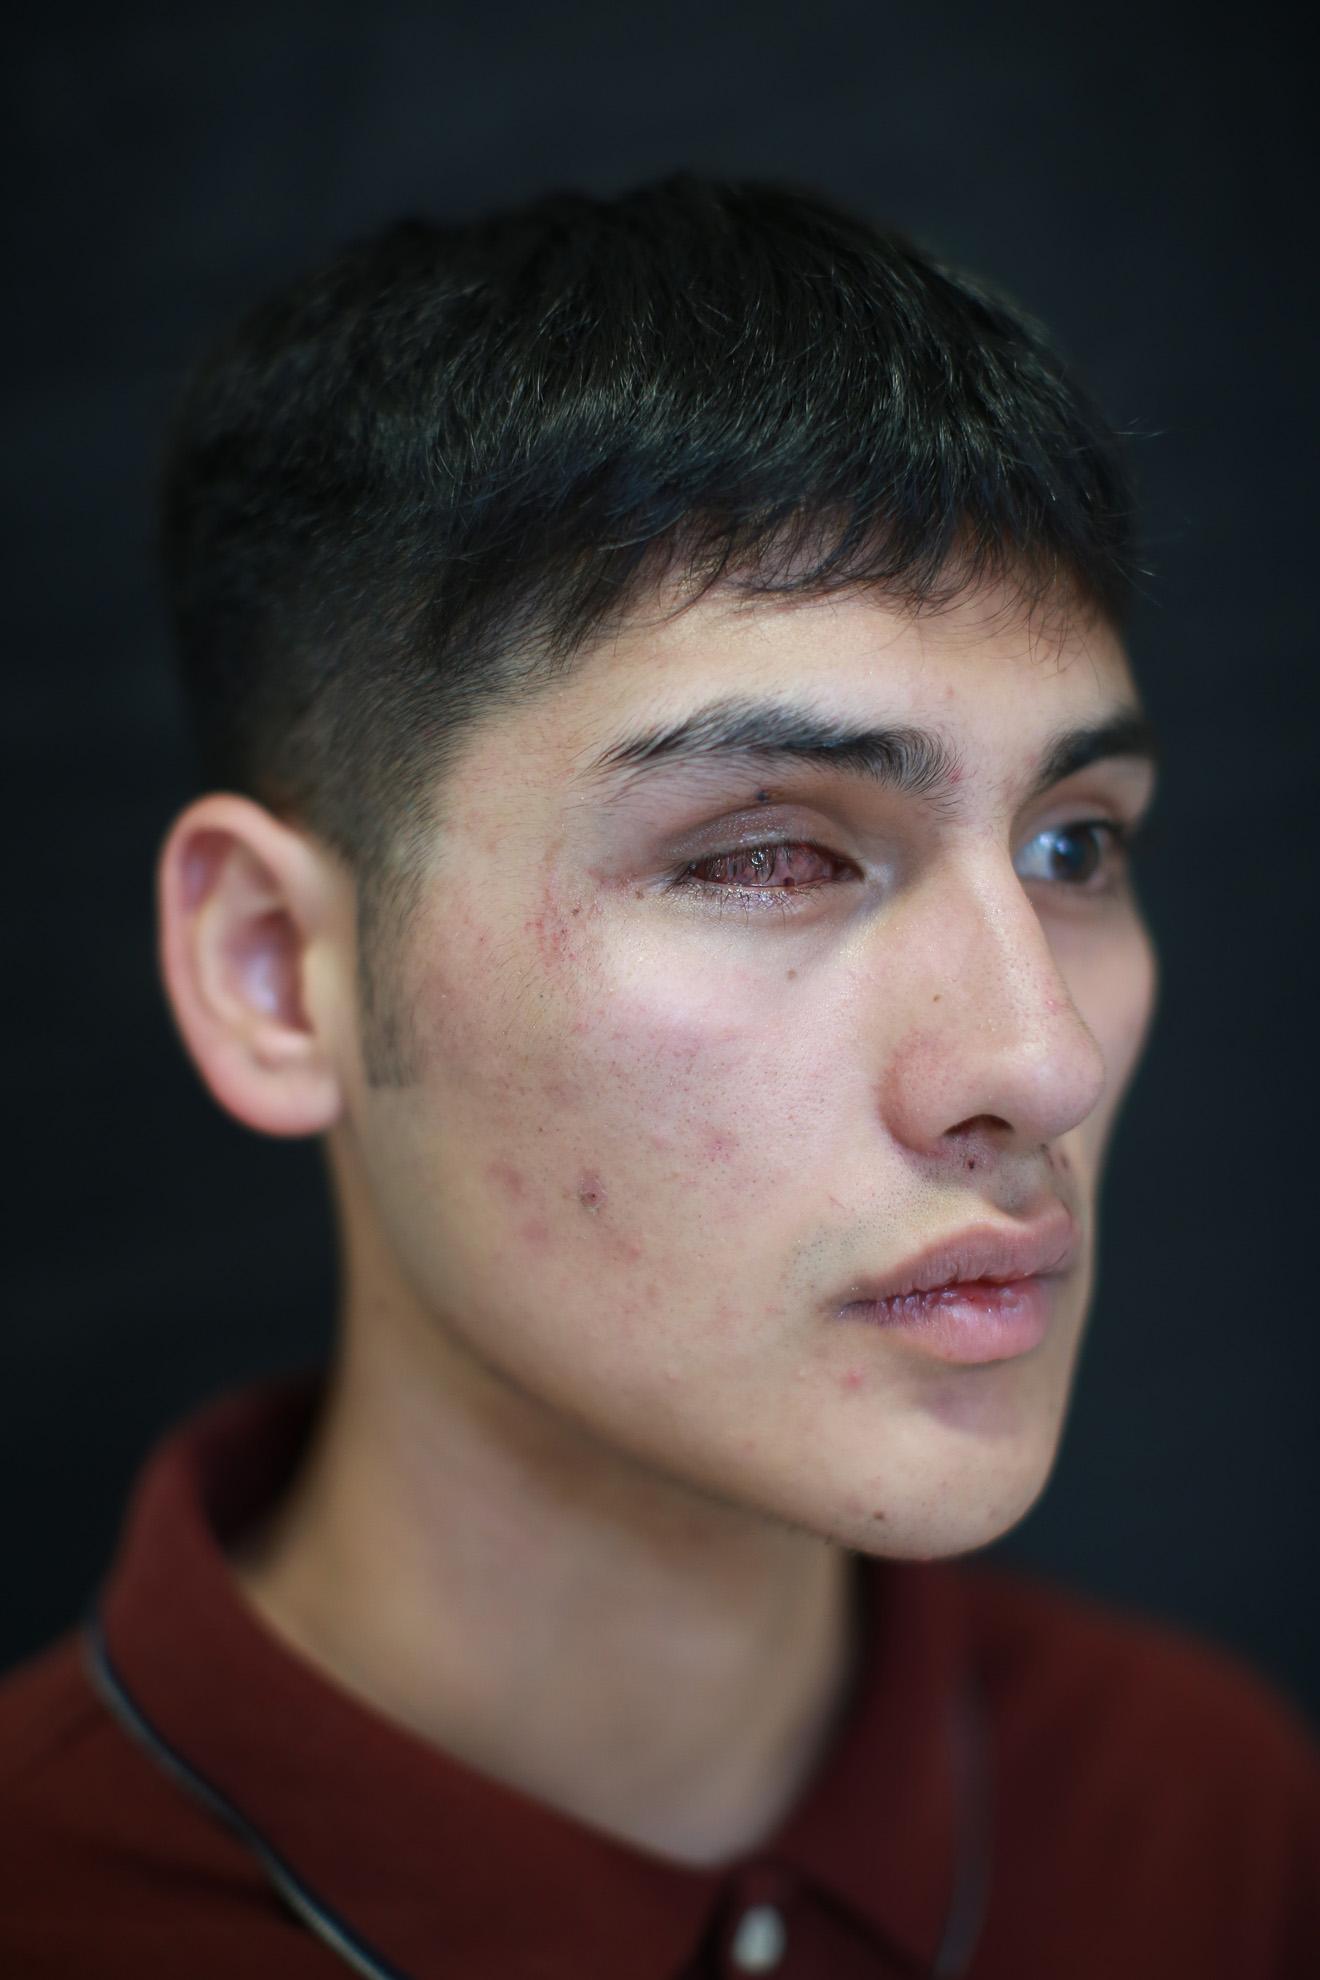 """Raúl del Valle (18). """"Asistí a la marcha el 22 de octubre, porque nos pasan a llevar, tengo perdida total de la vista. Volvería a protestar después para que las cosas no sigan como están""""."""